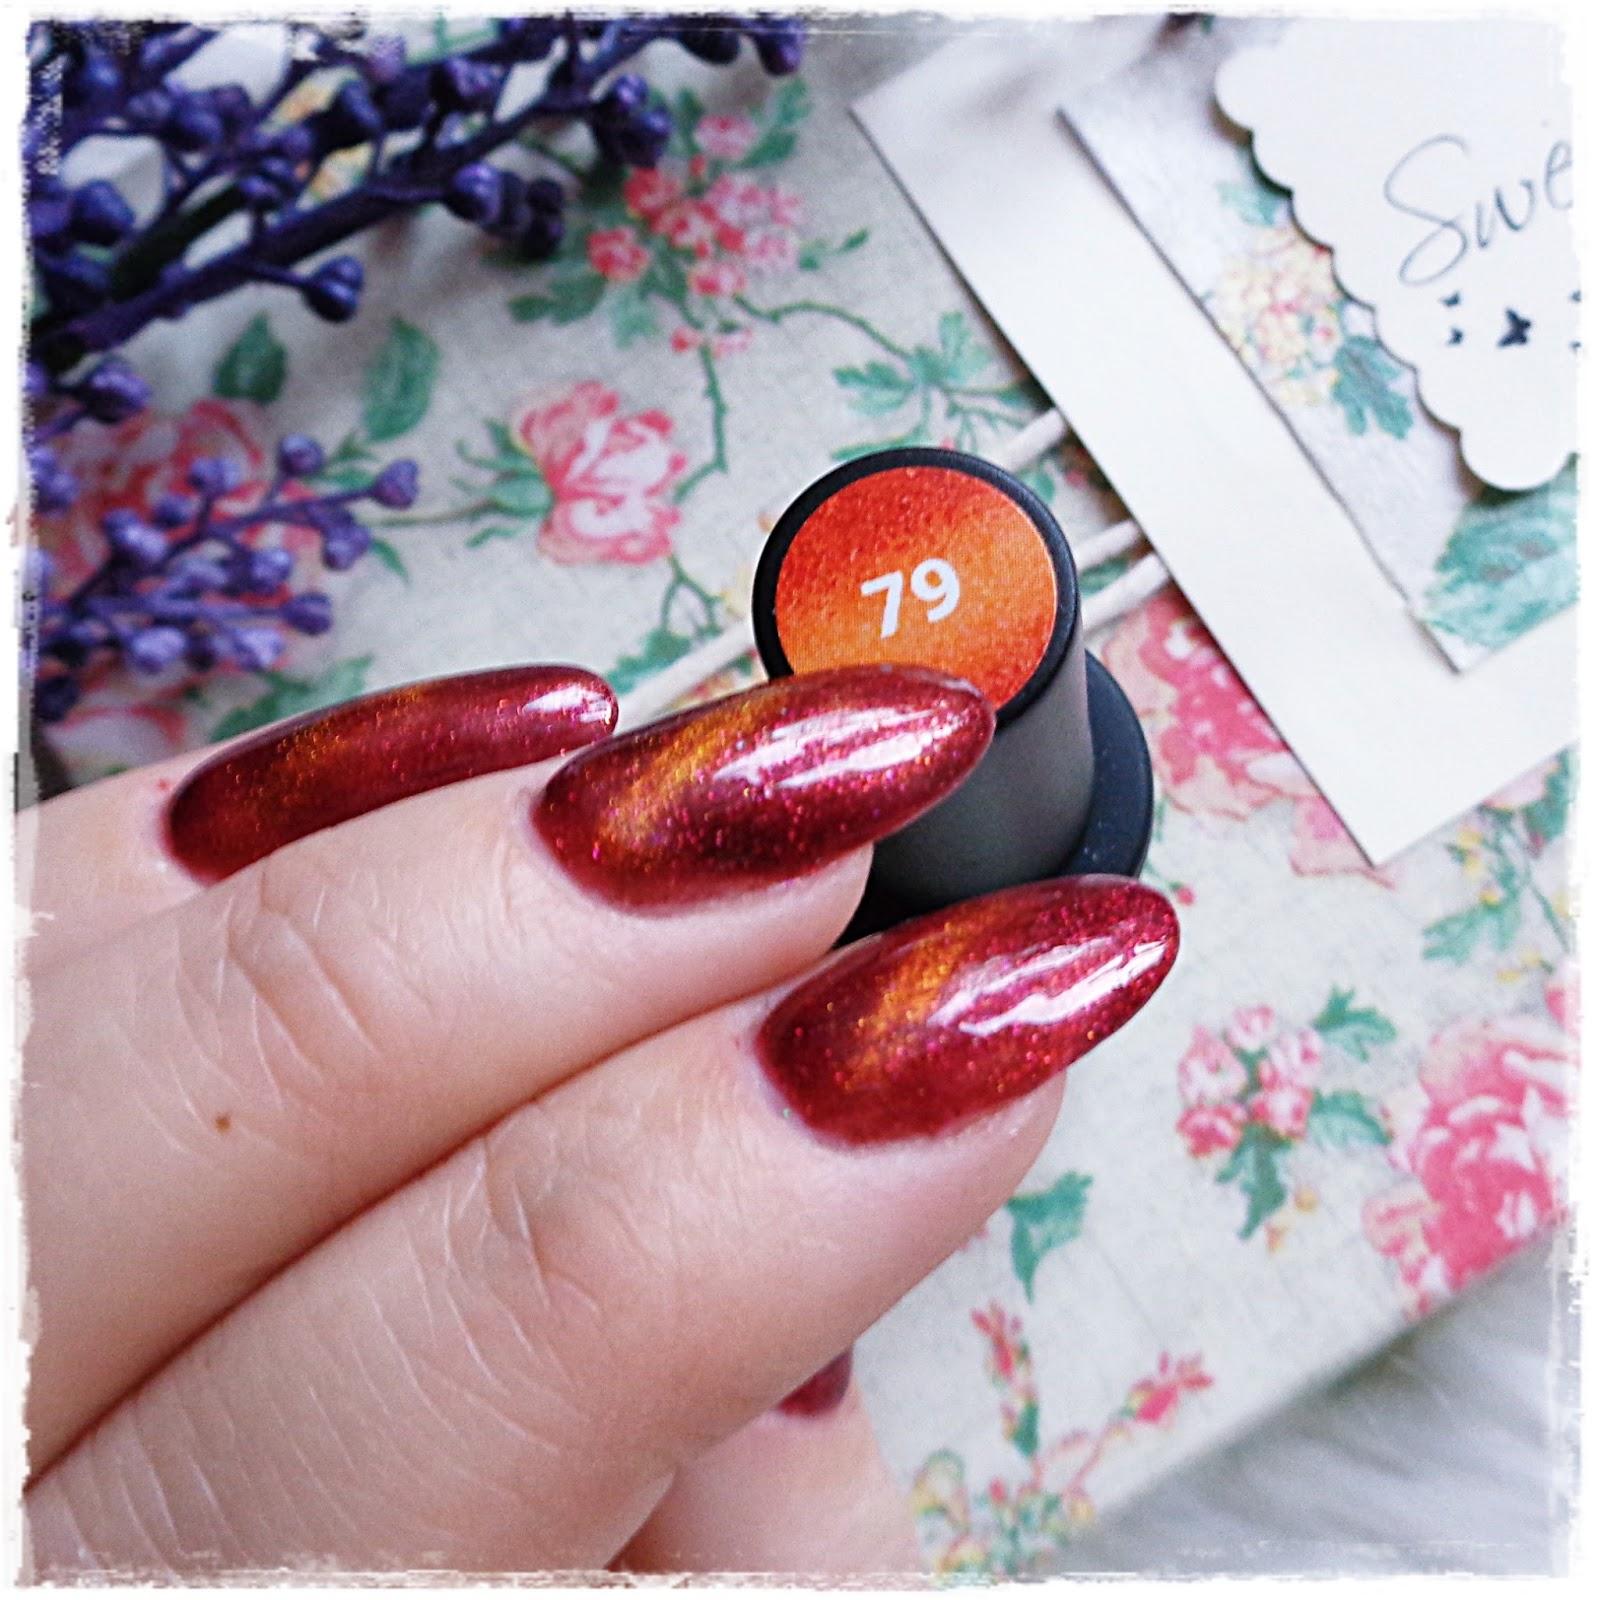 Laboom Magnetic Orange 79 Piękne Kocie Oko Kolorowy świat Terii